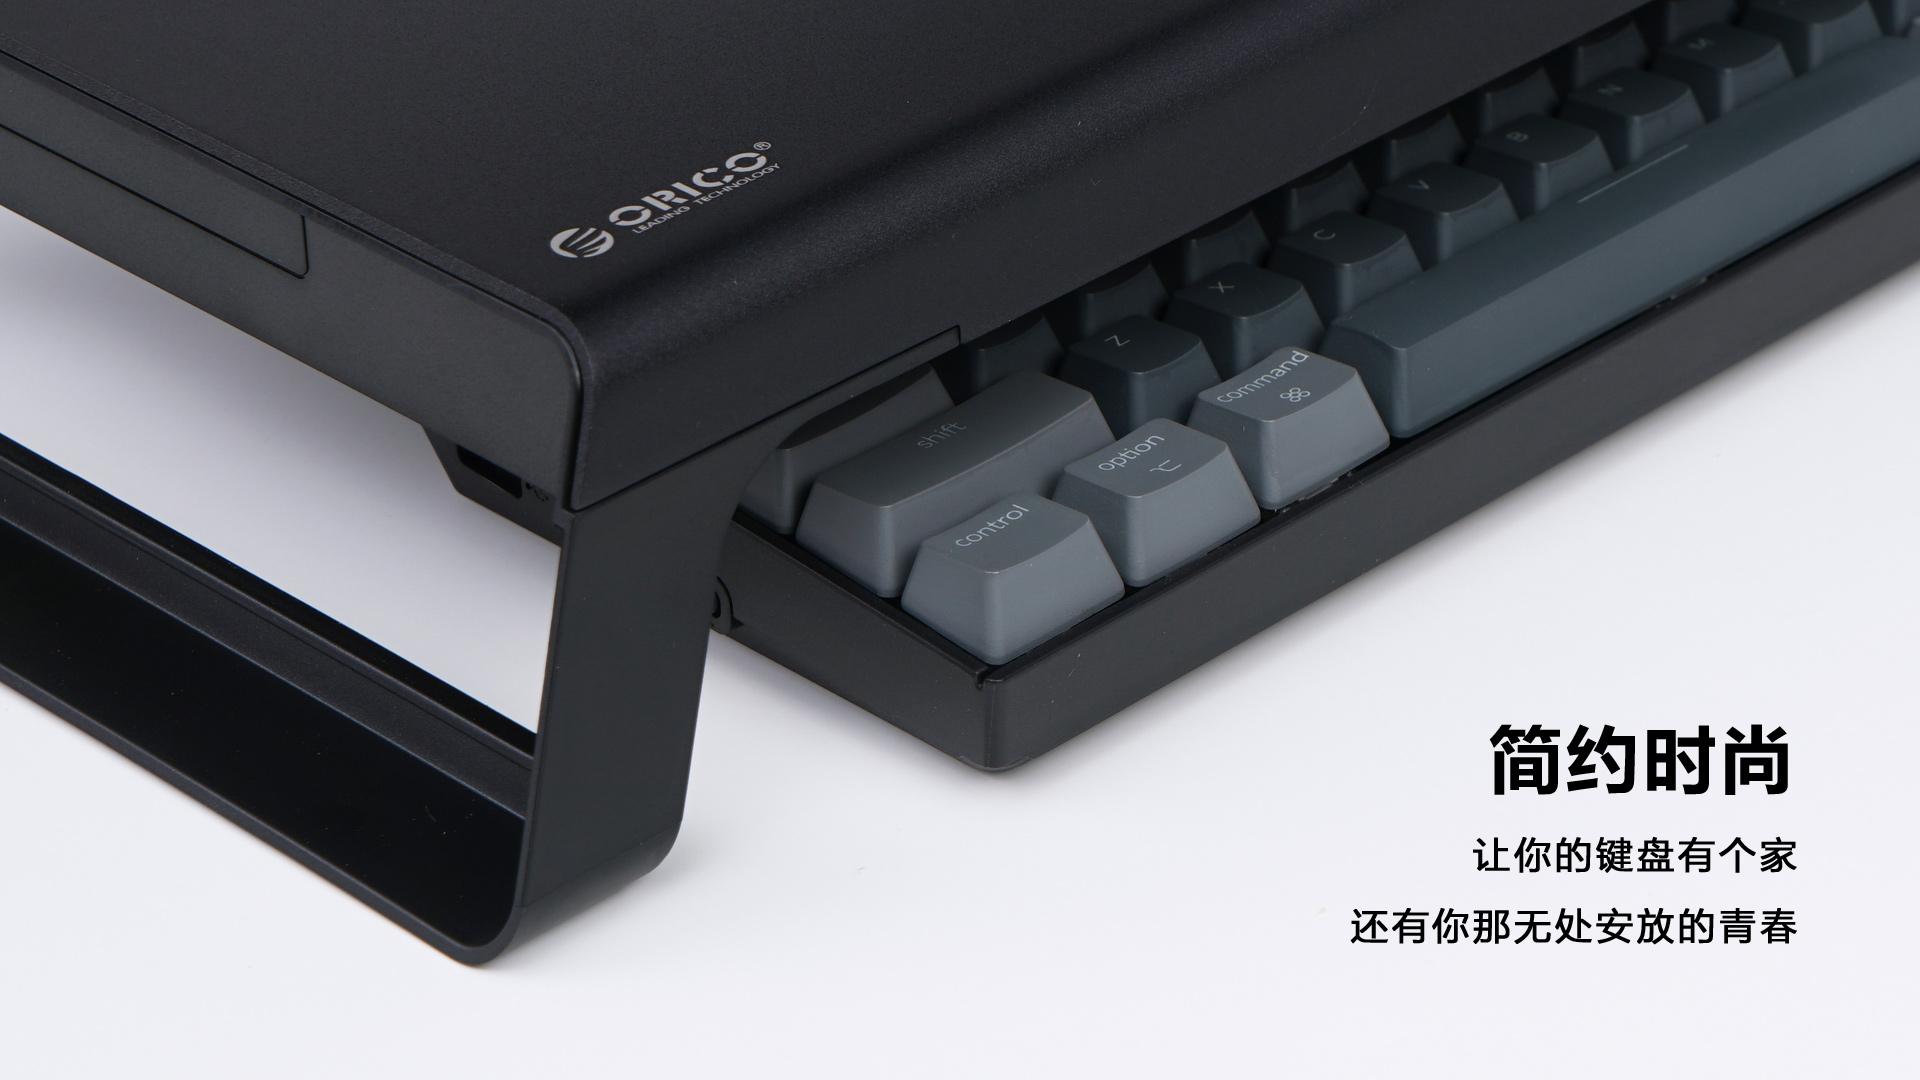 在淘宝上买的铝合金支架 解决桌面收纳问题 看完你有什么想法  图片 科技 评测 orico 设计 第9张